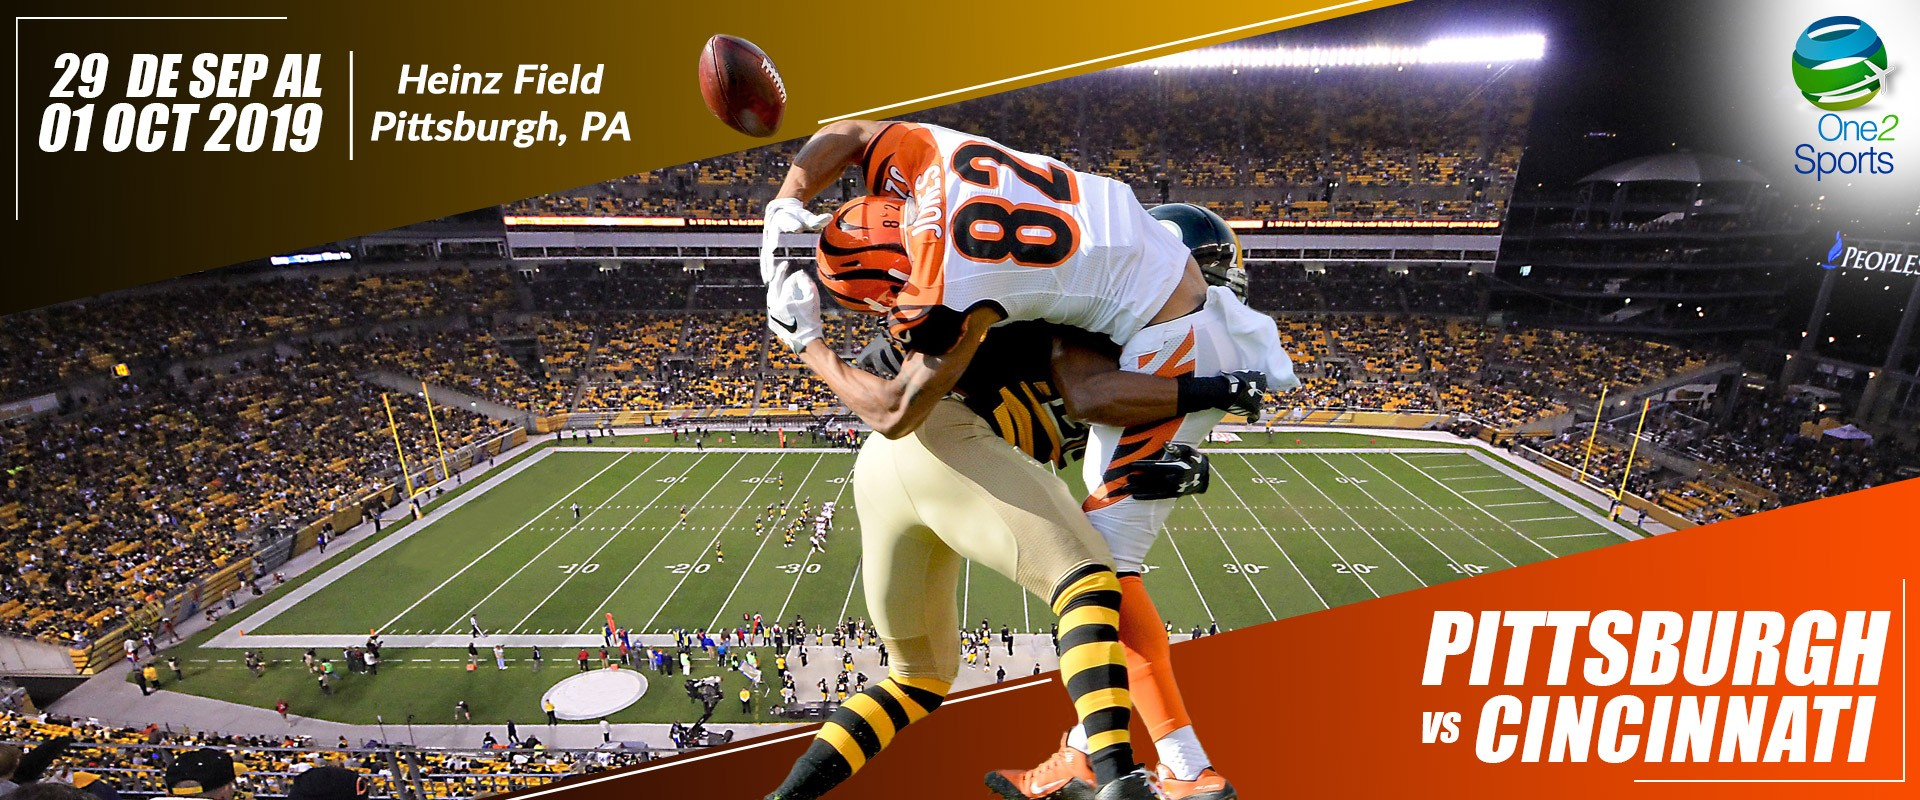 Pittsburgh vs Cincinnati